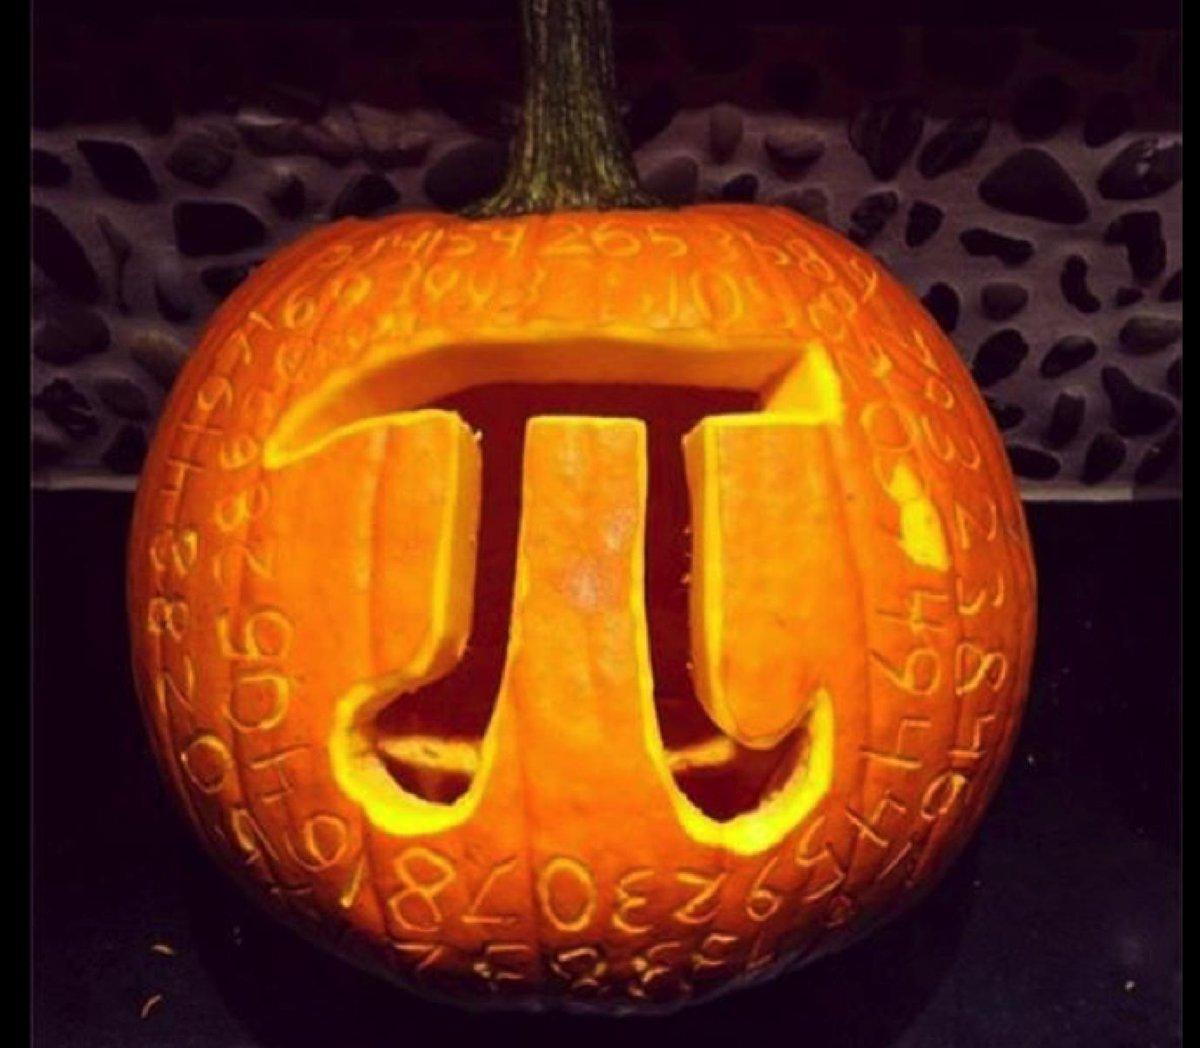 Gotta love pumpkin Pi.